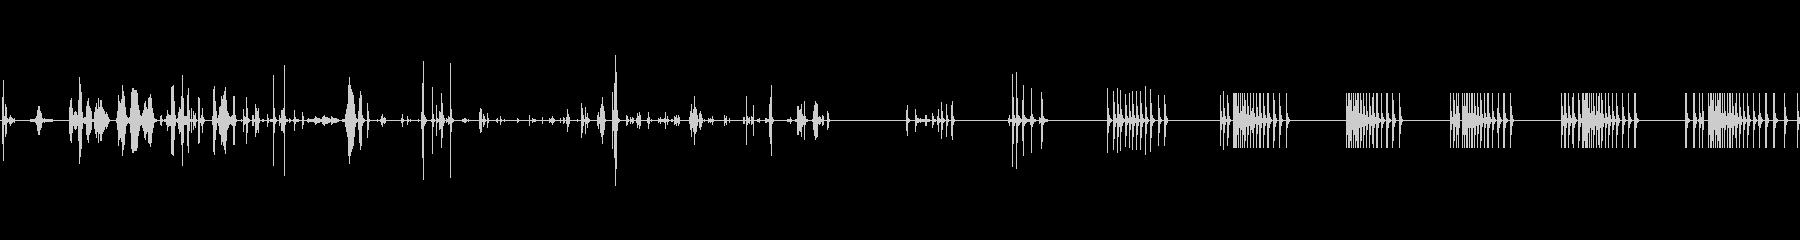 ブート:サウンドのセットアップとク...の未再生の波形